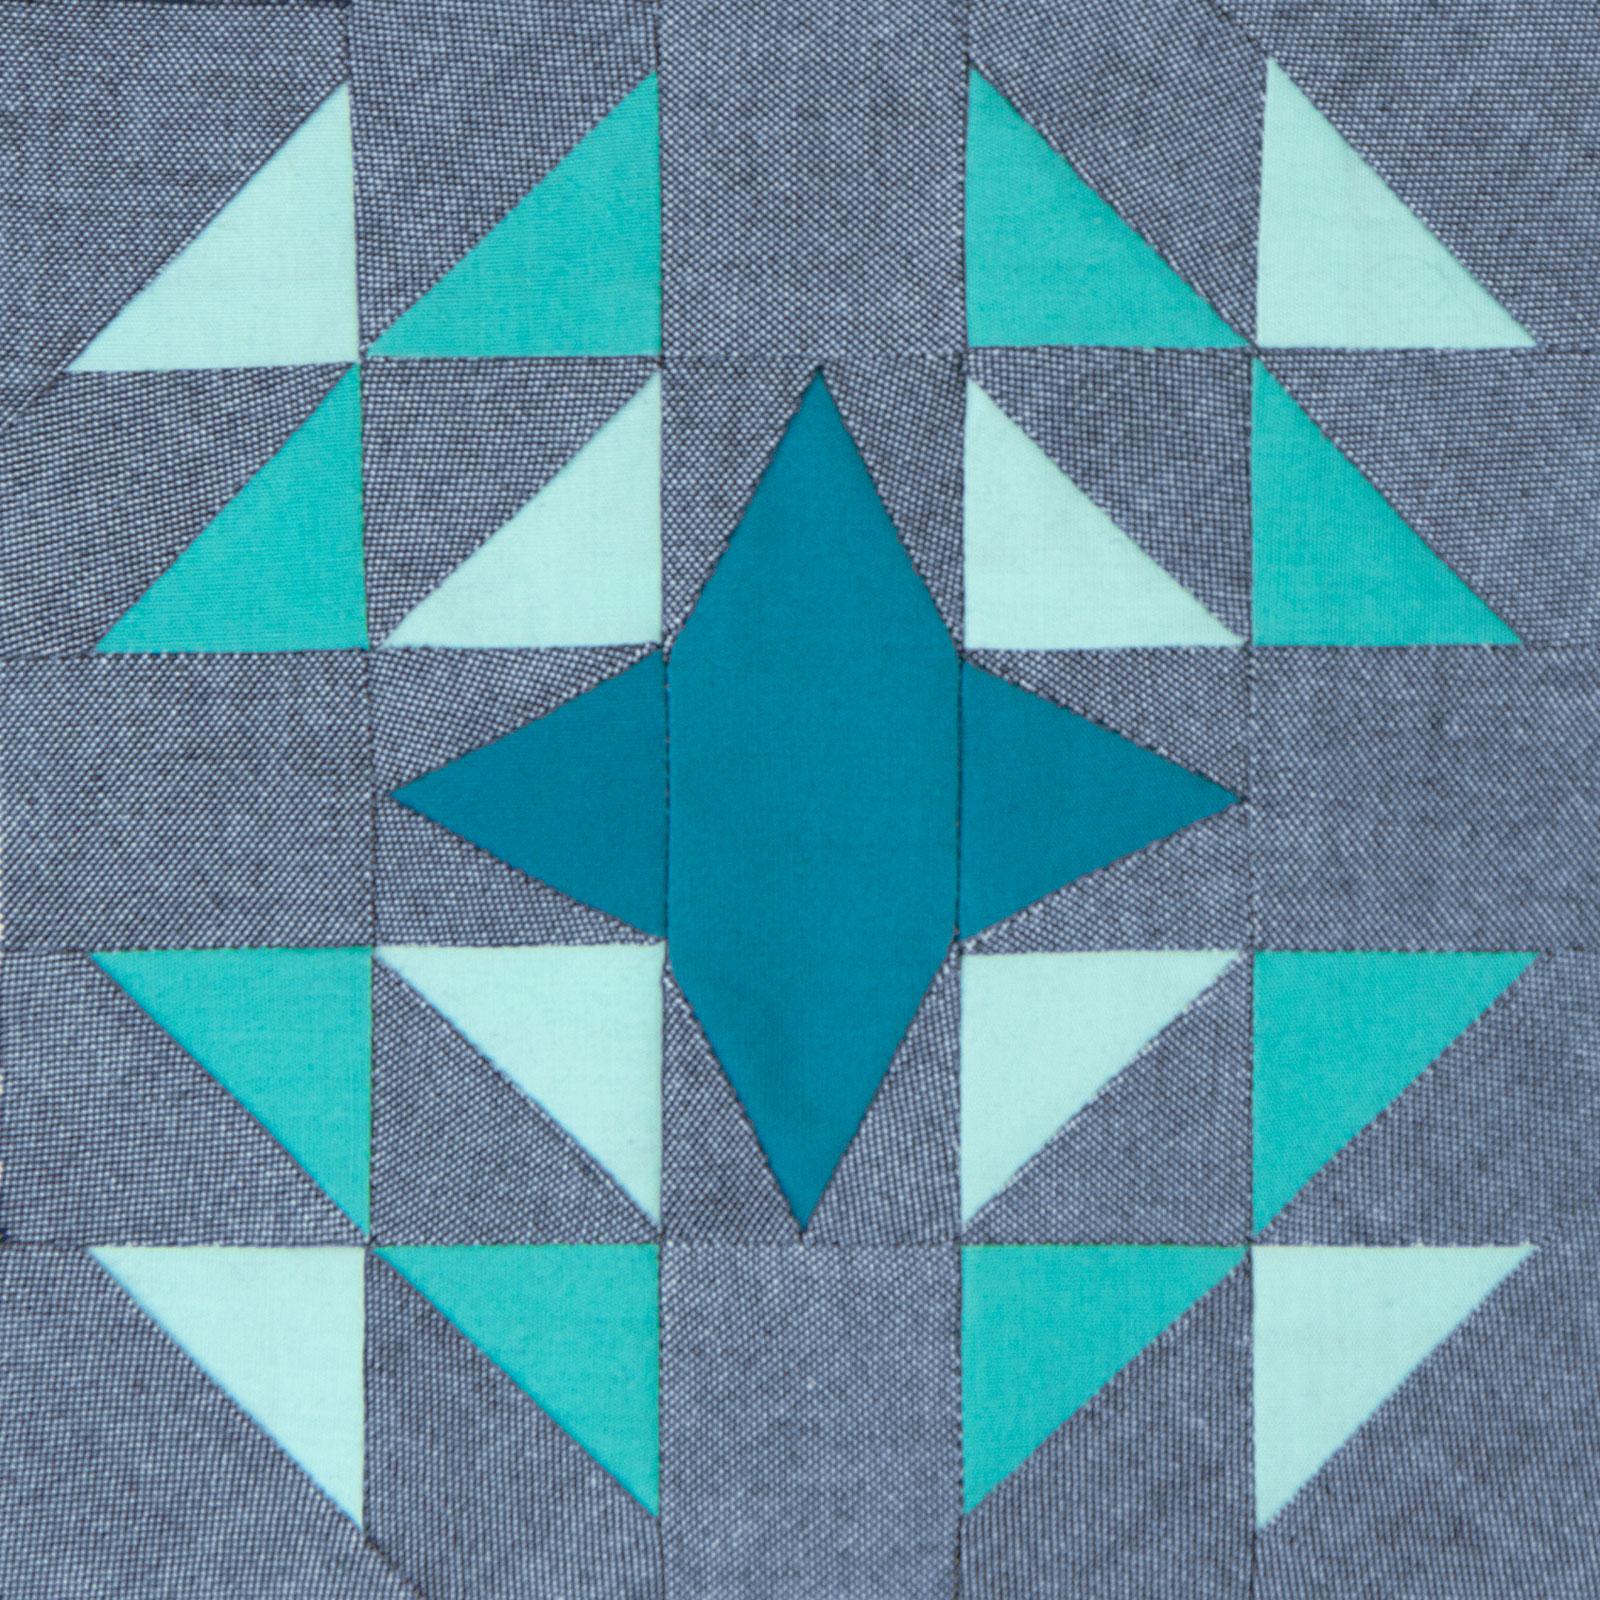 Lodestars quilt block #17: Marielle